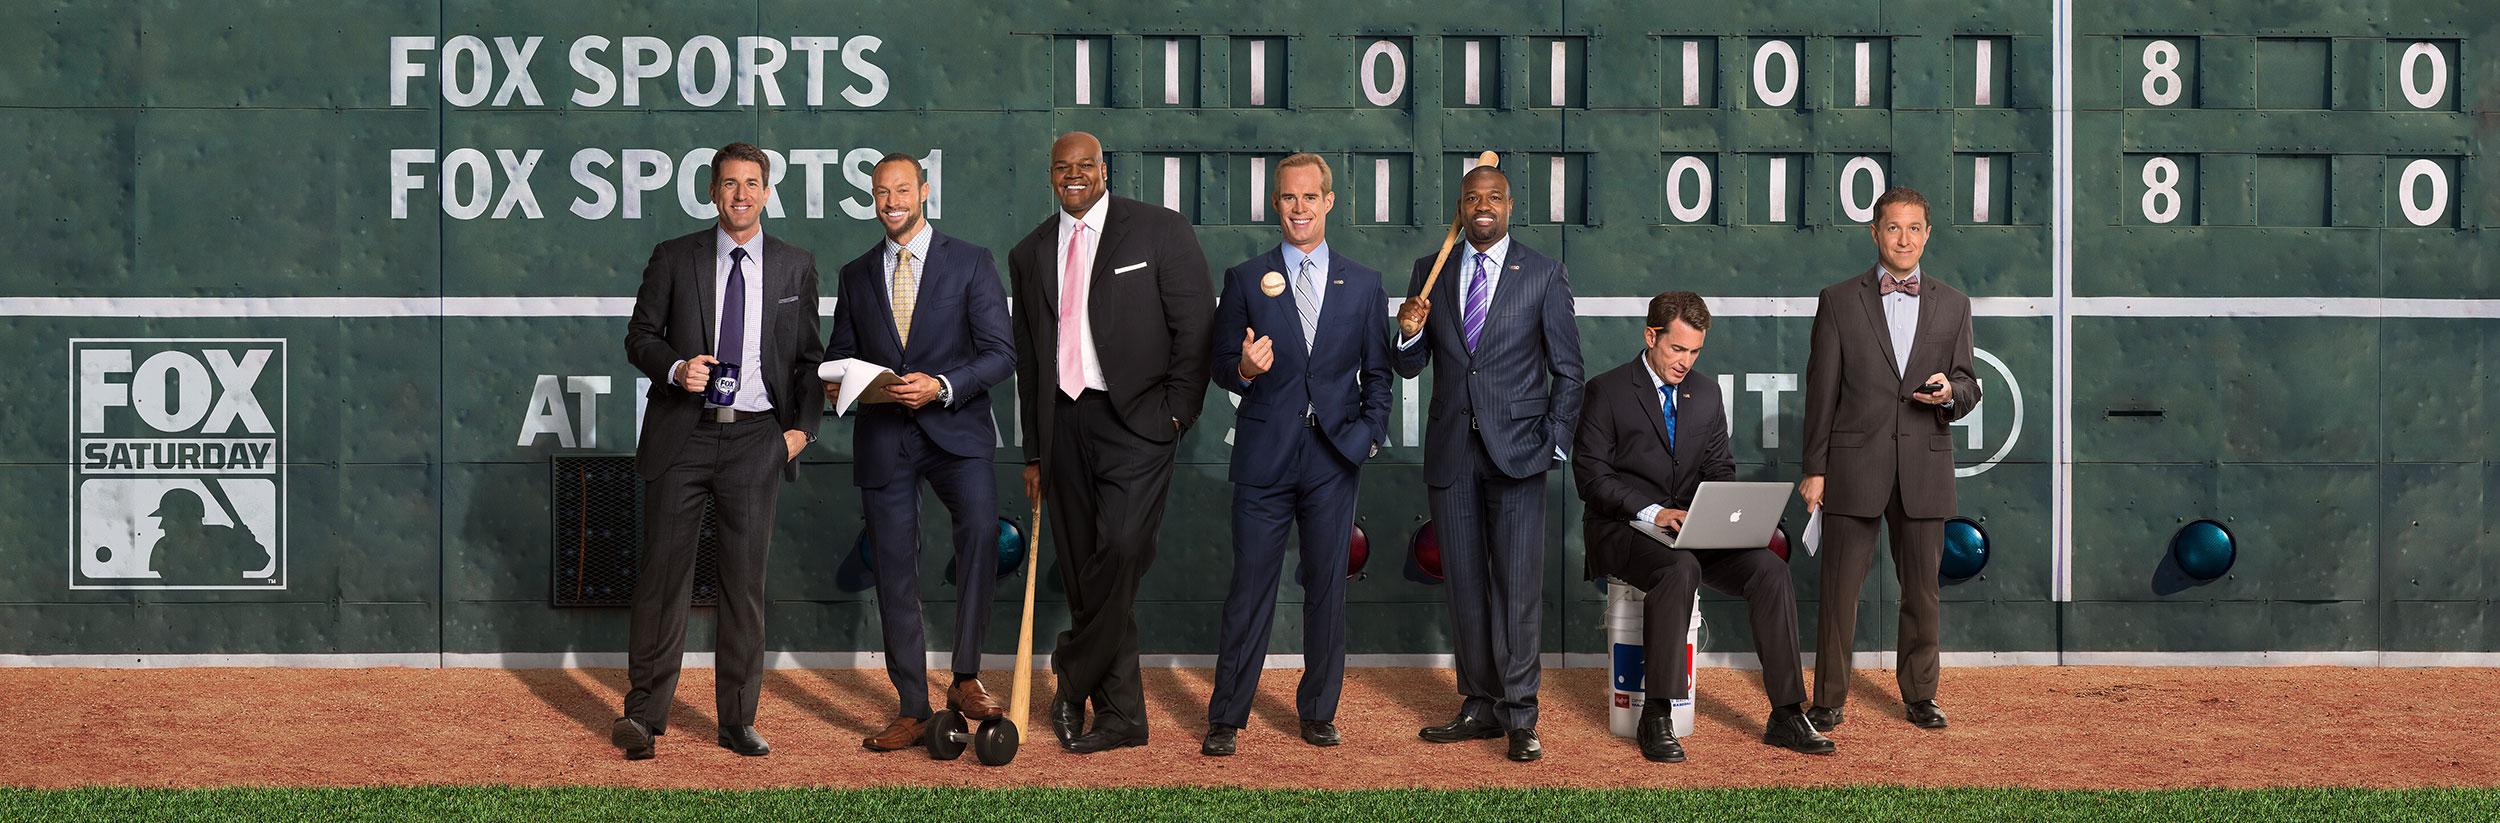 Fox Sports | MLB Wall